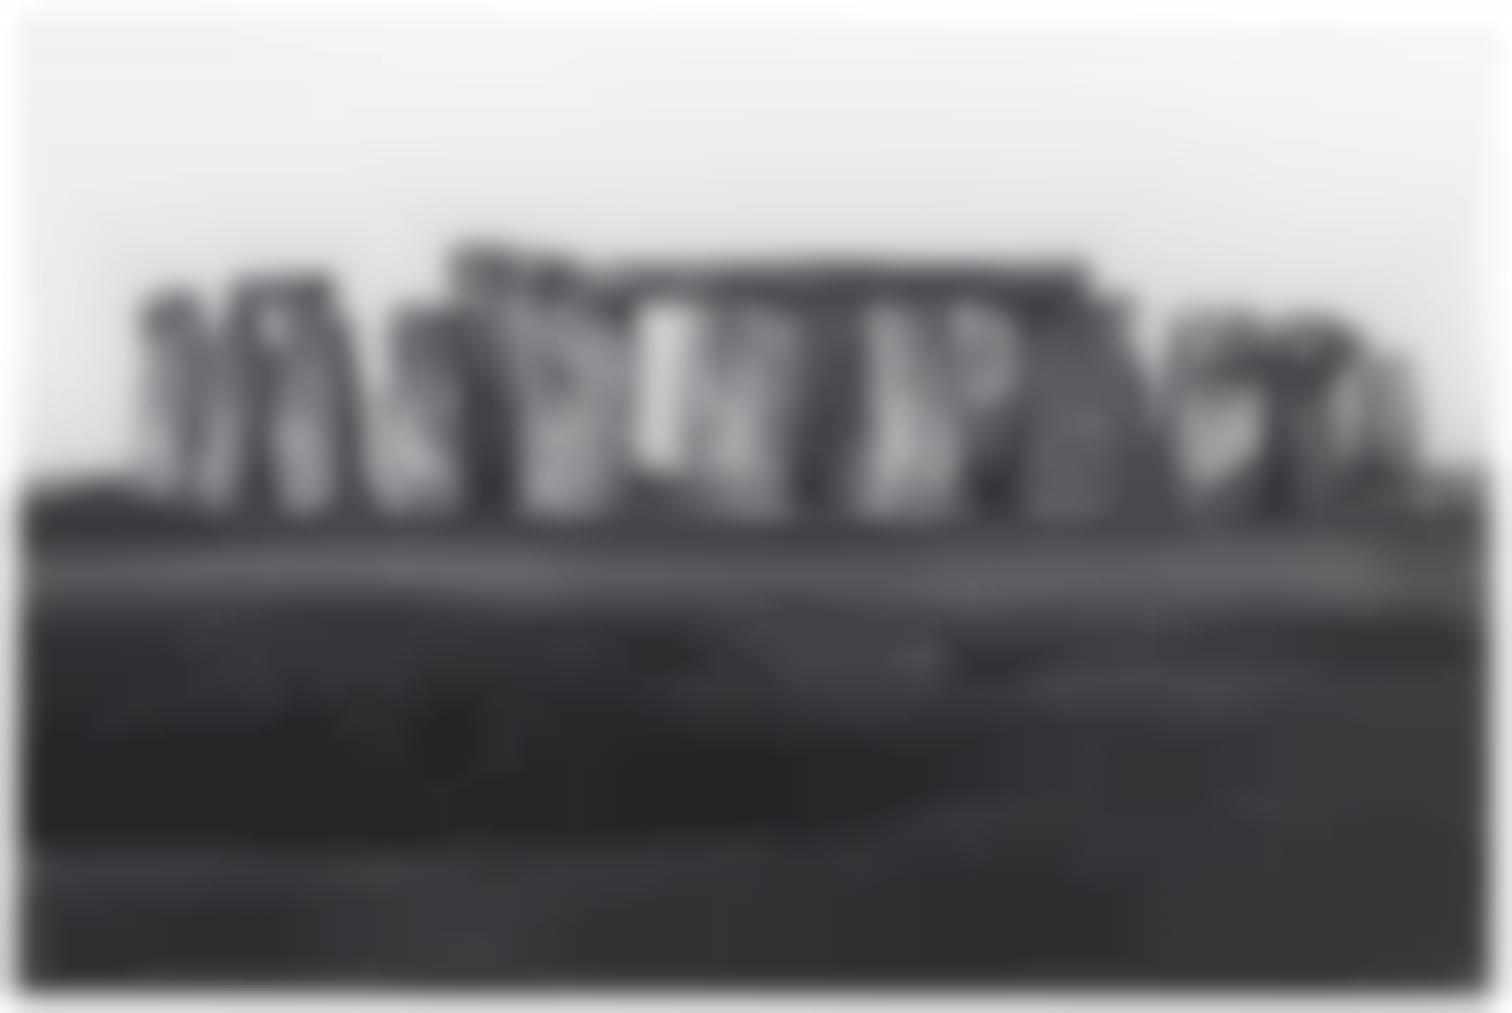 Paul Caponigro-Stonehenge, England-1967